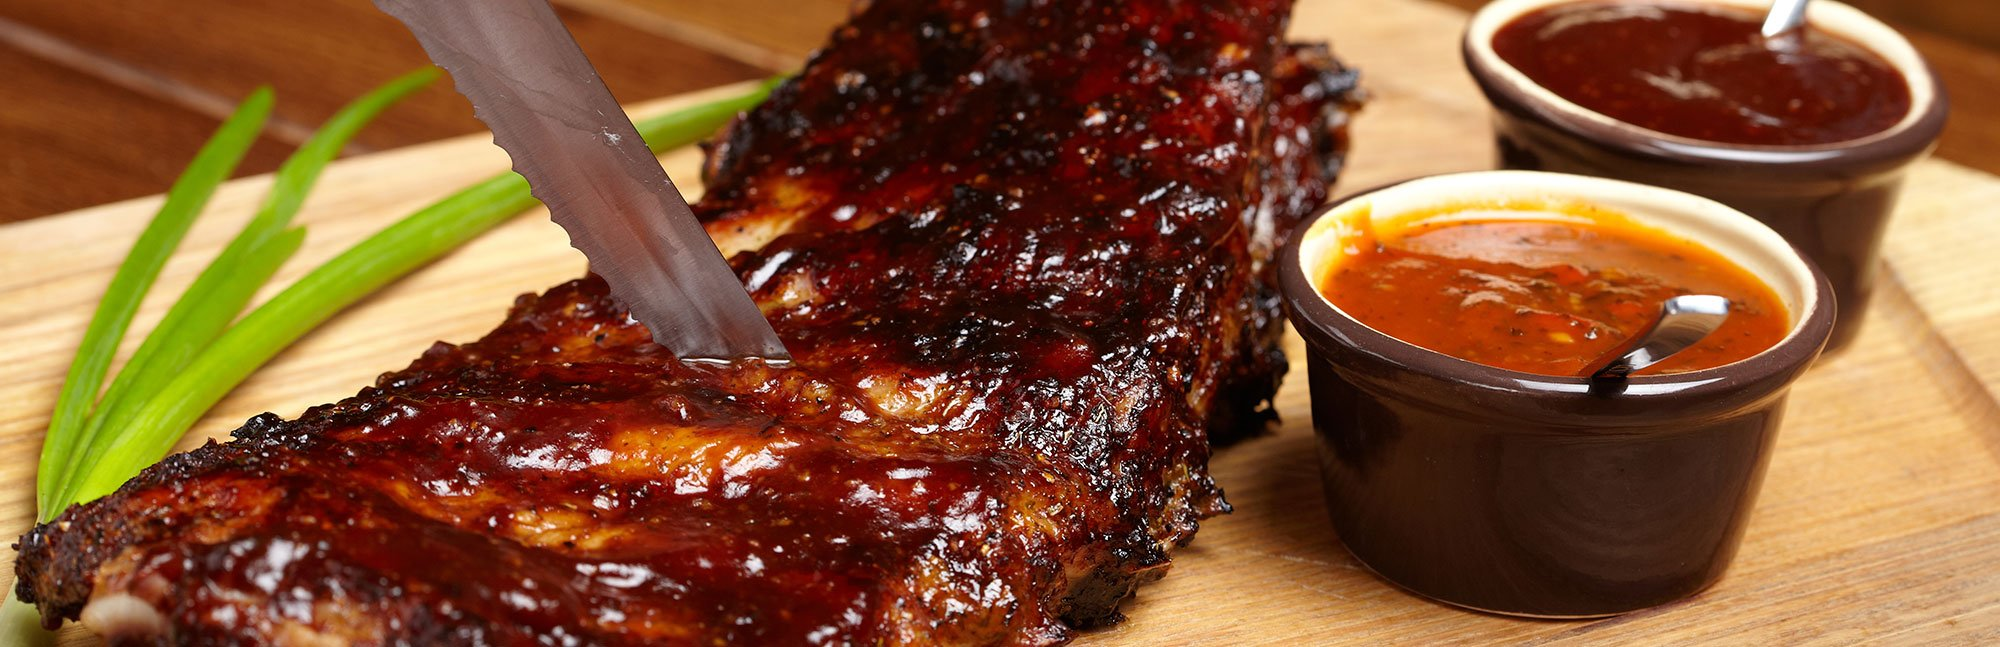 Brochetas de Carne a la Barbecue